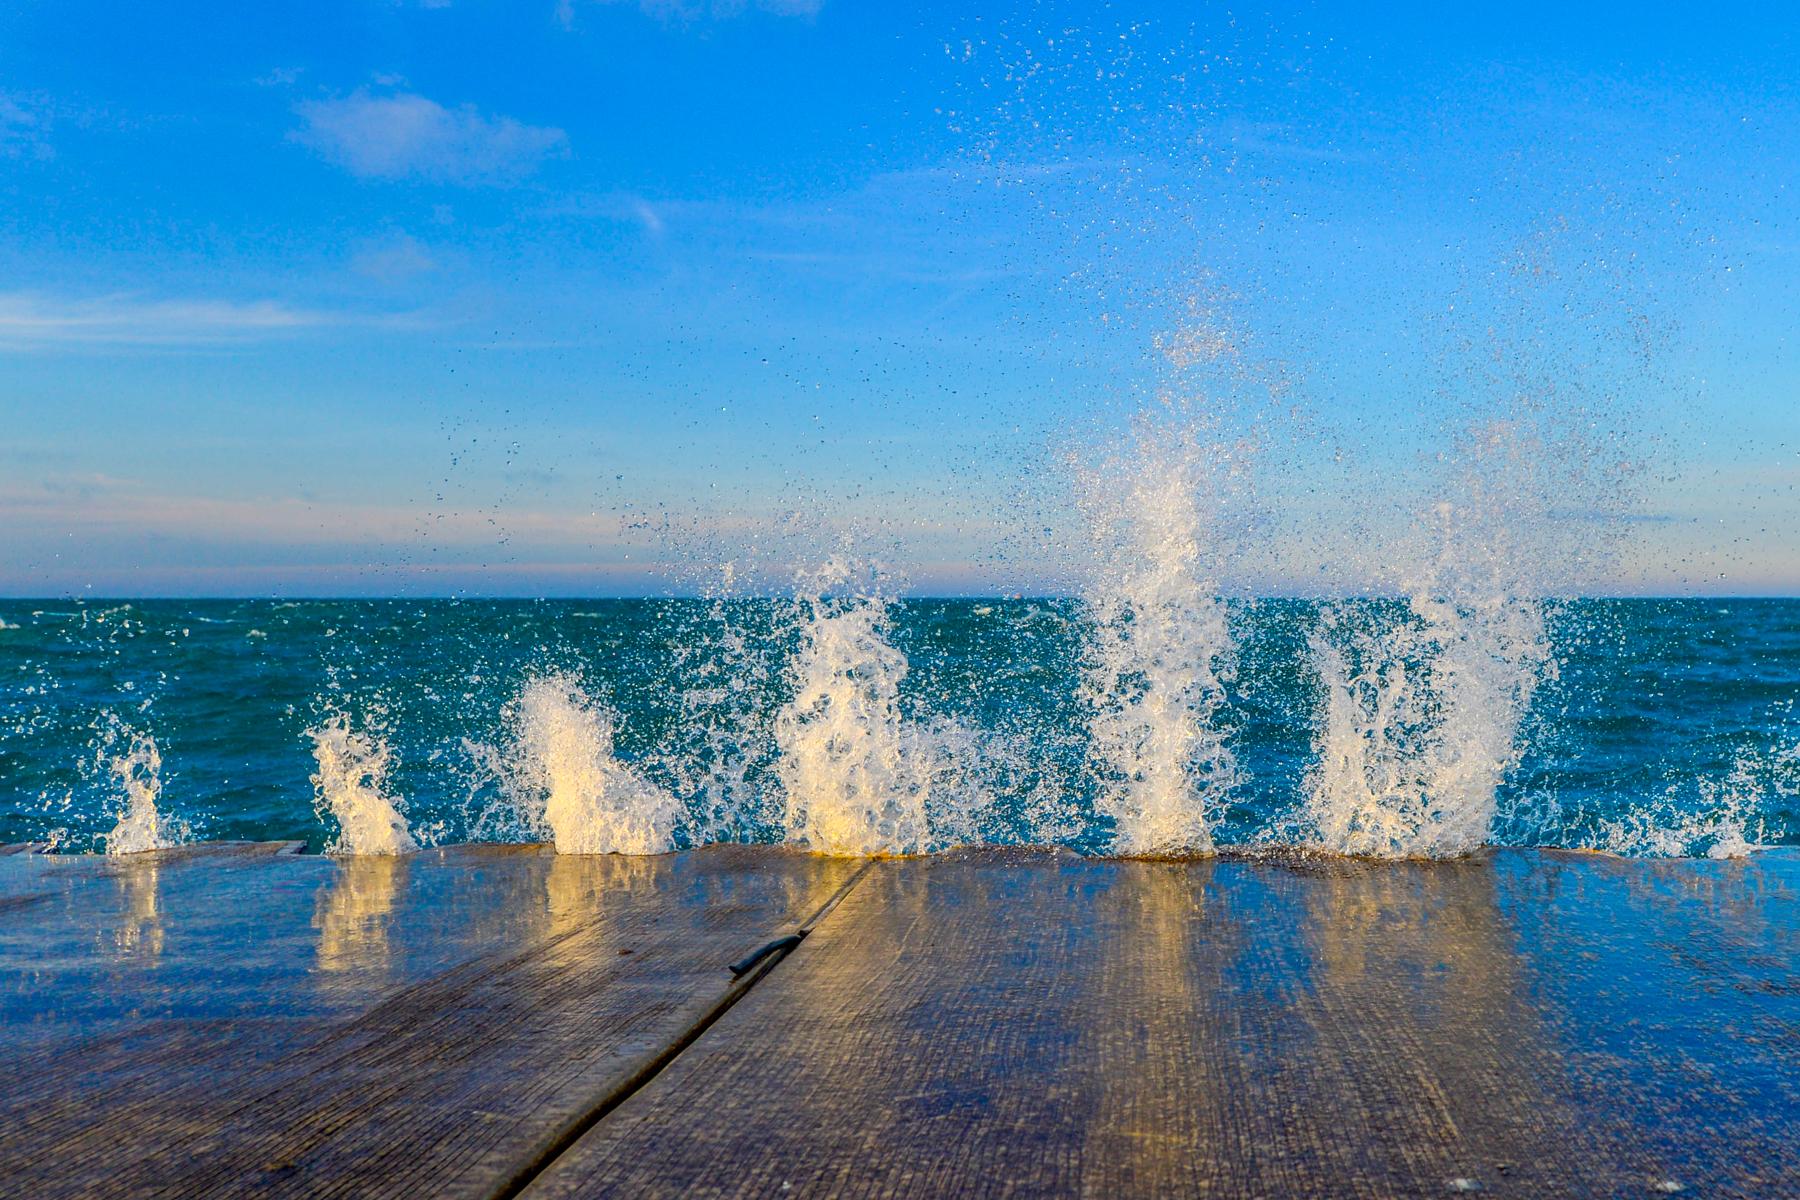 Ted_Glasoe_Revetment Splash.jpg